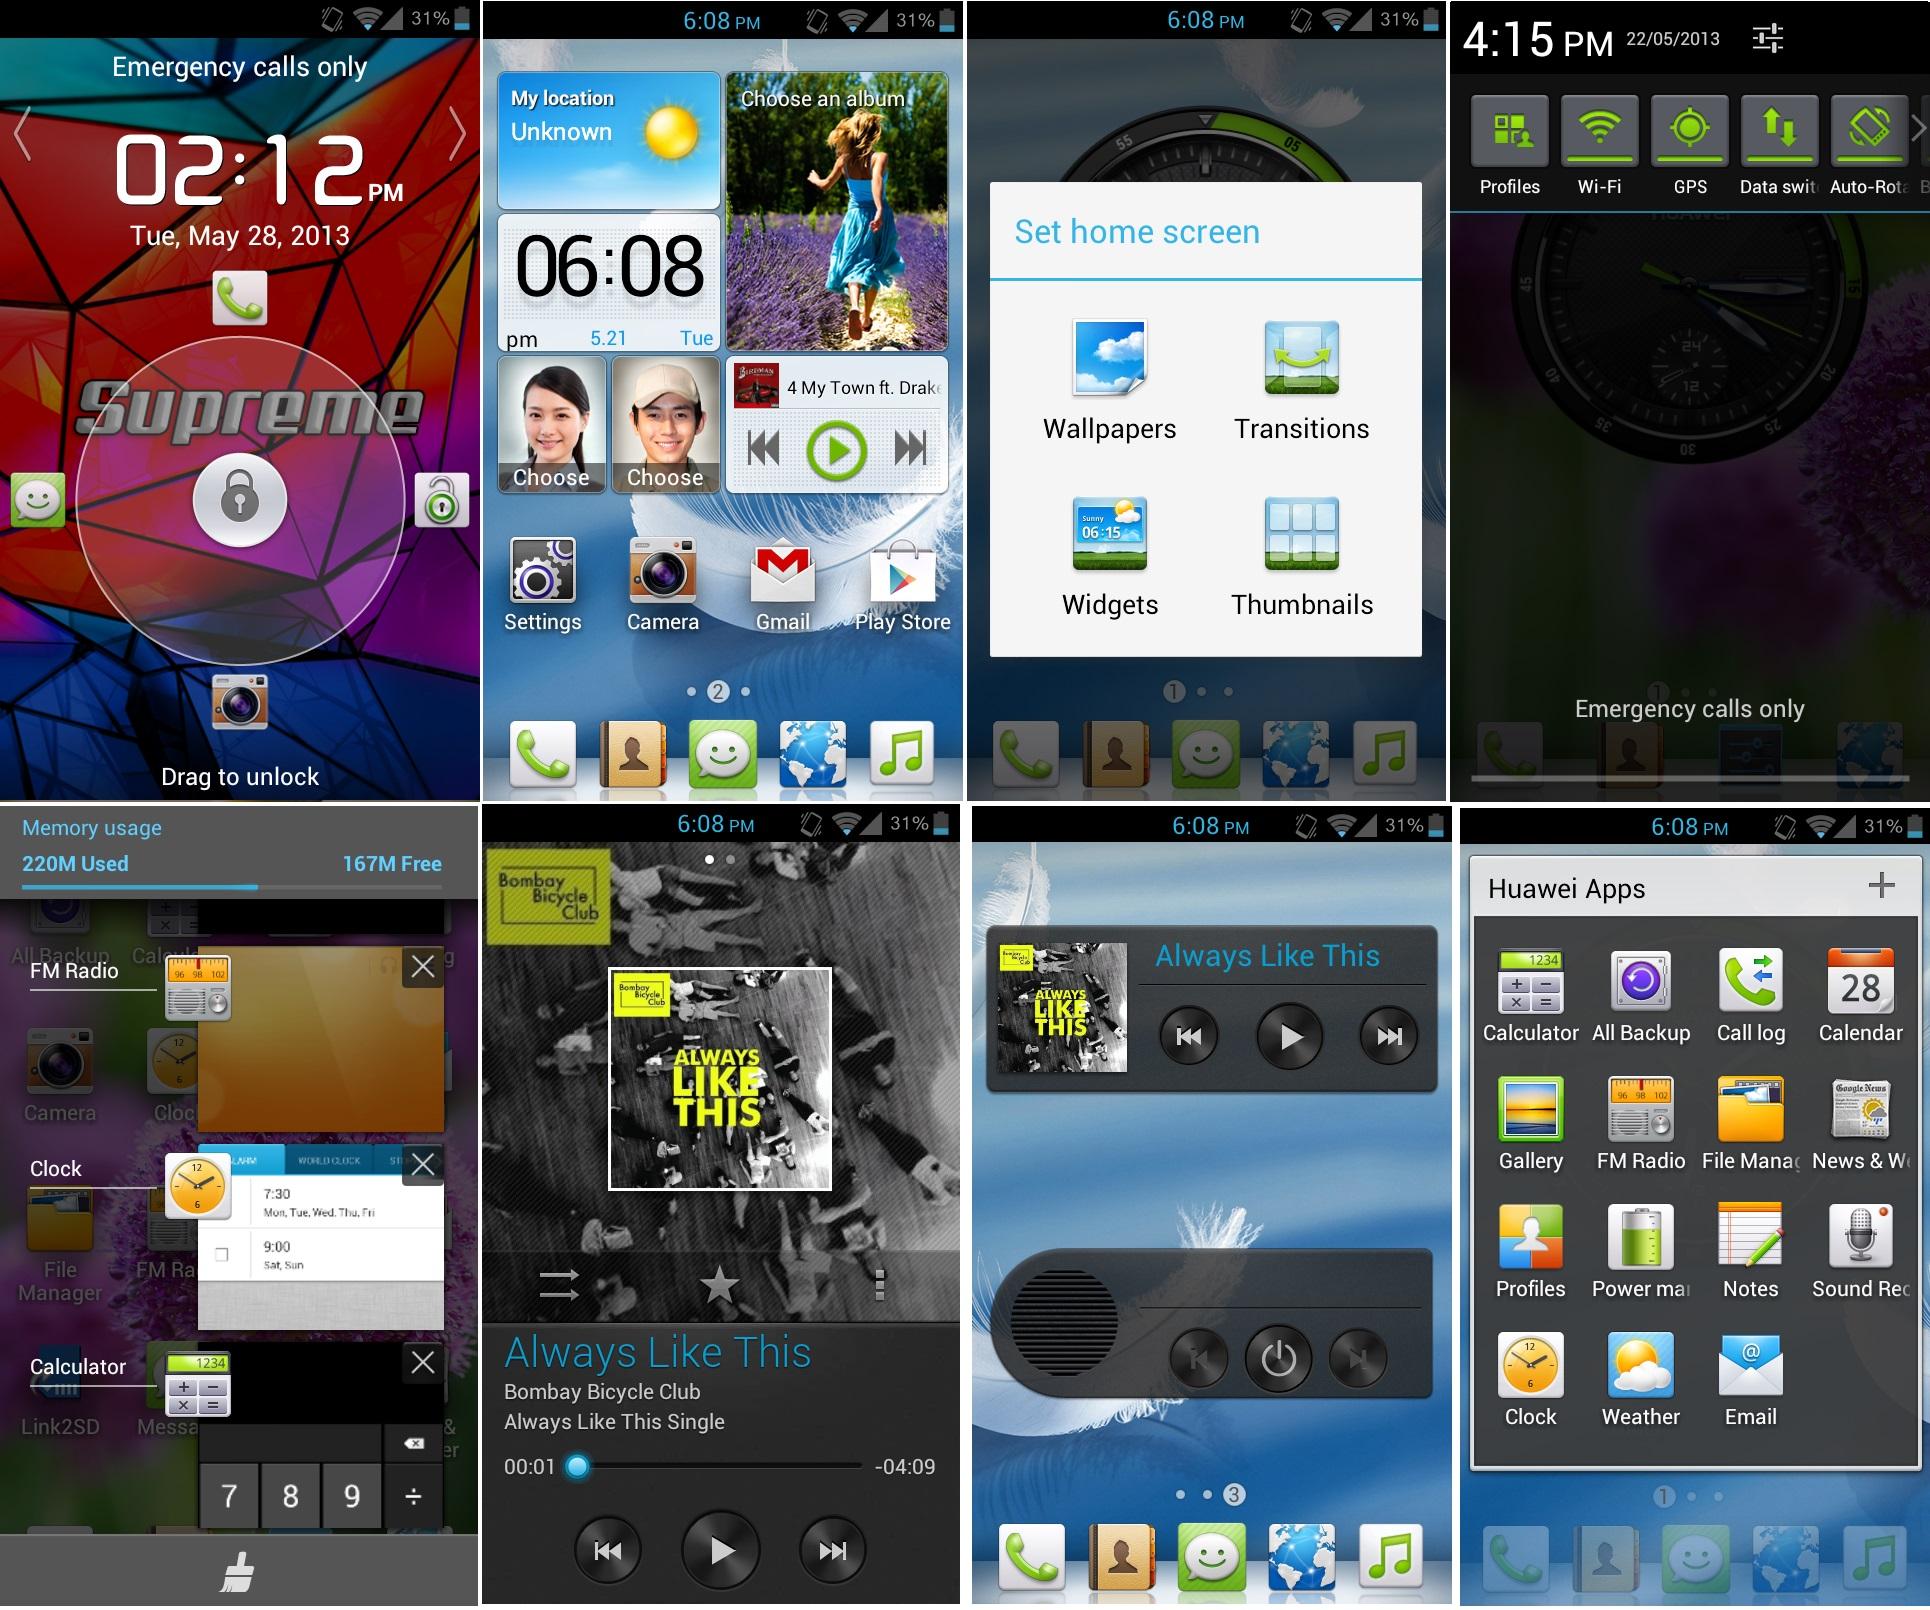 Huawei UI